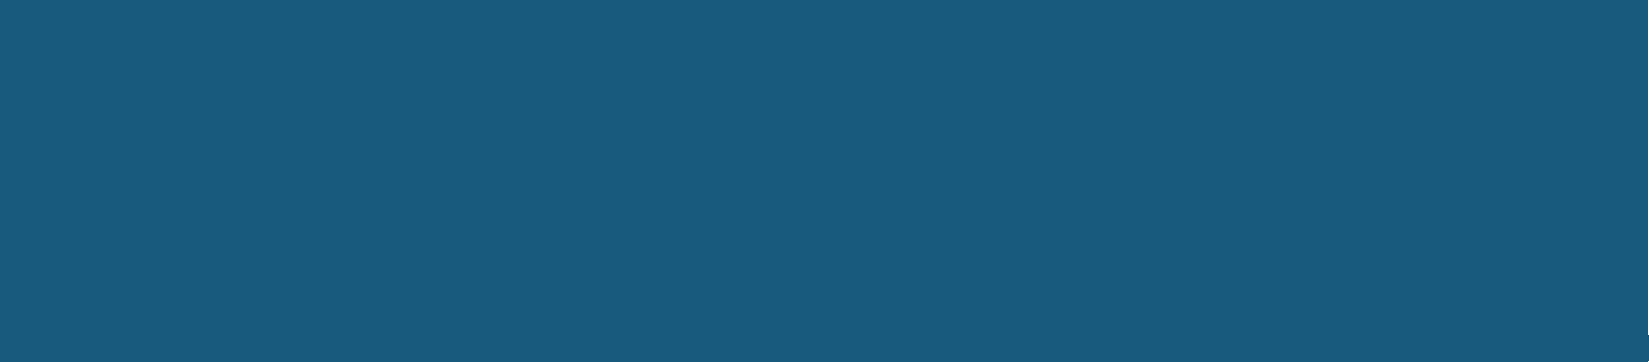 Skyline background image